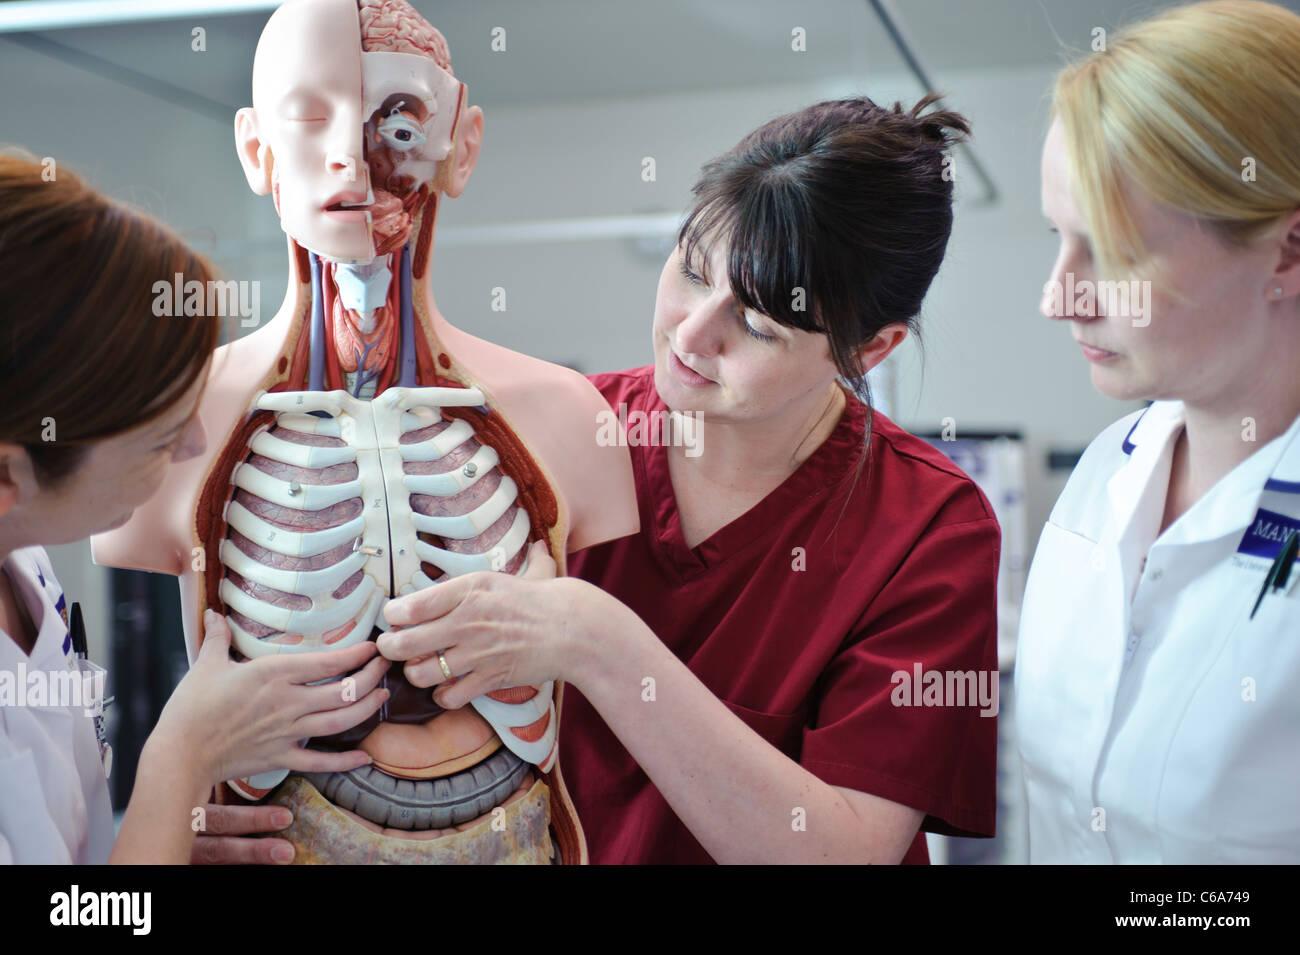 Blanc femelle étudiantes infirmières et l'enseignant en interaction avec l'anatomie humaine modèle Photo Stock